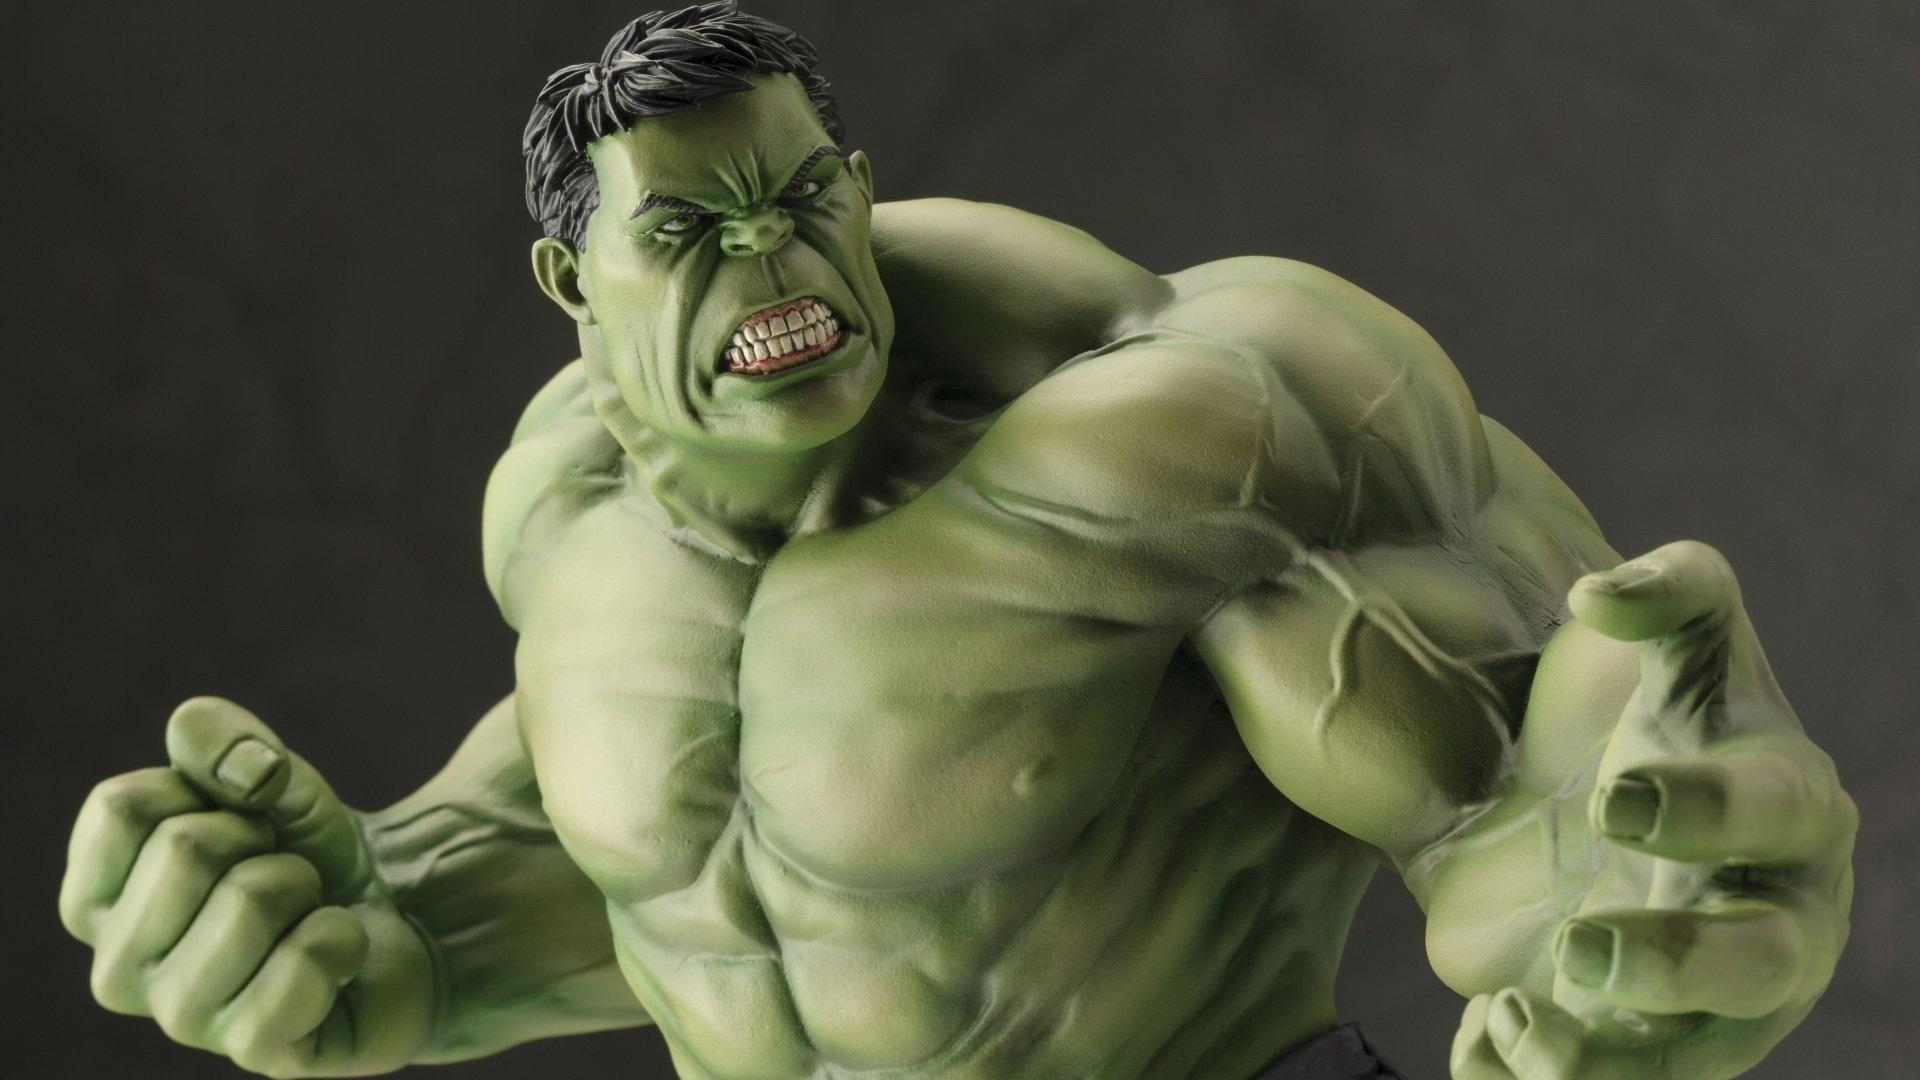 Hulk best picture